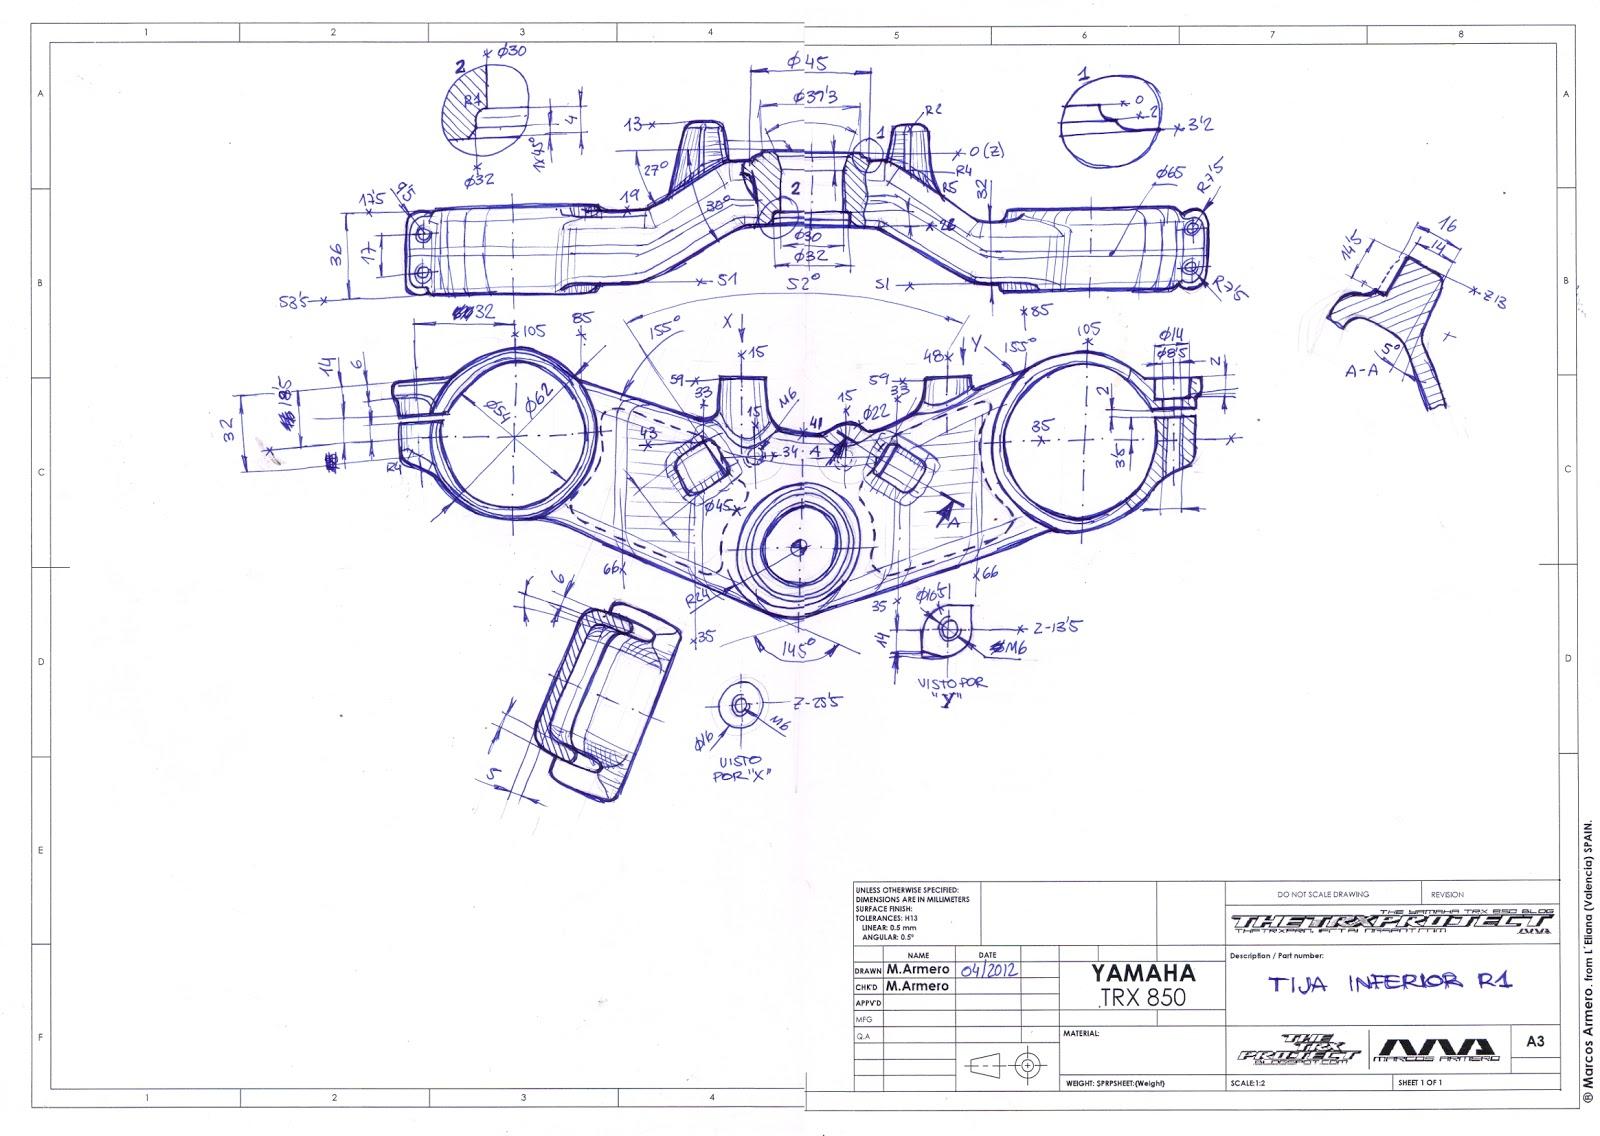 1600x1136 The Trx Project. The Yamaha Trx 850 Blog 3d Yamaha R1 (Rn04